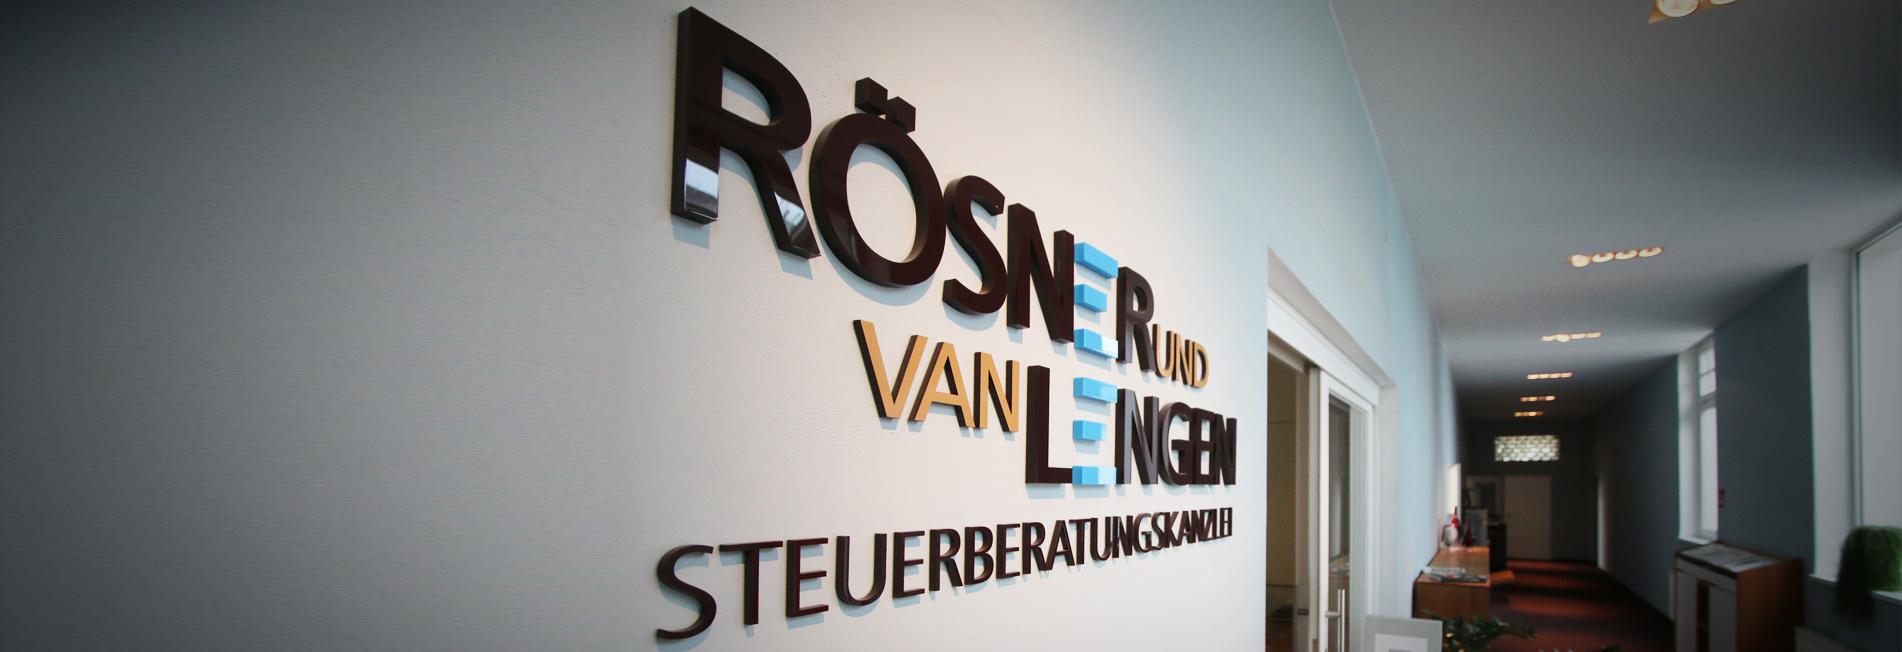 Rösner und van Lengen Logo an der Wand